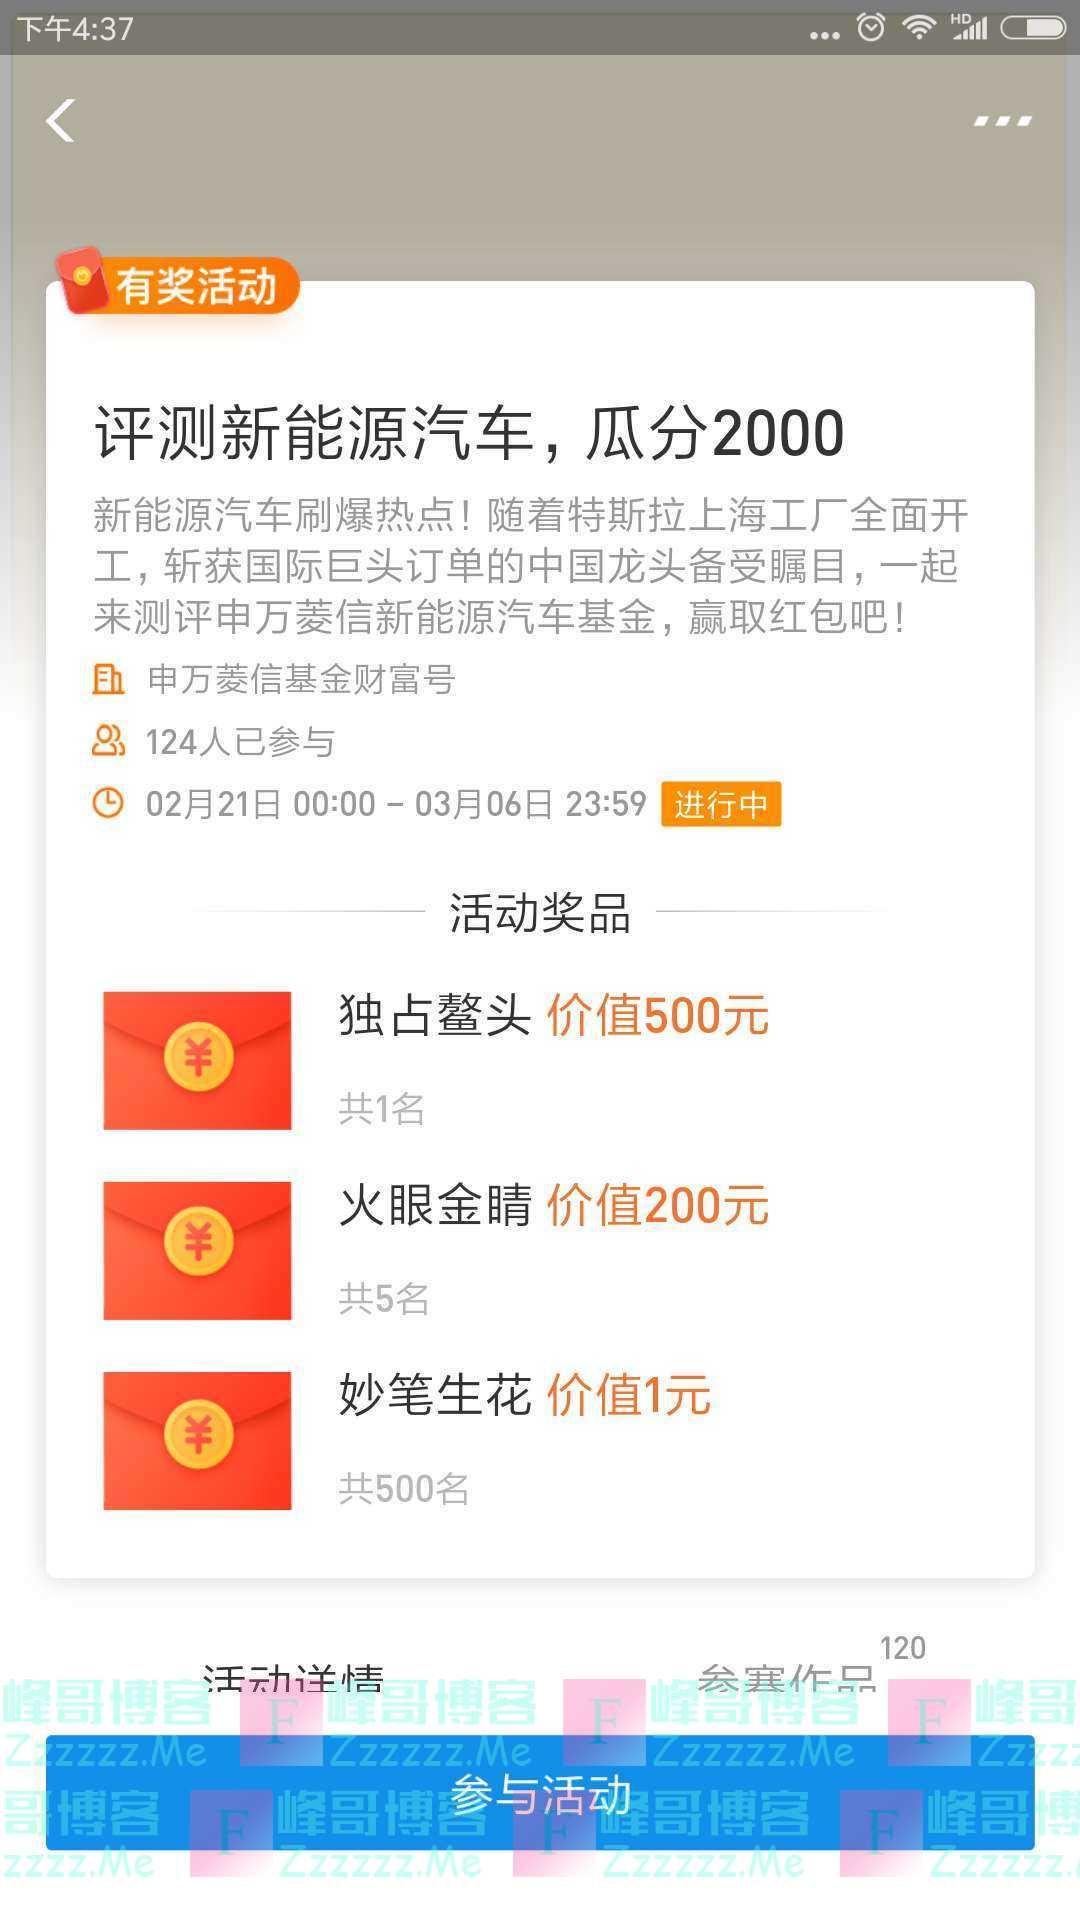 申万菱信基金评测新能源汽车瓜分2000(截止3月6日)